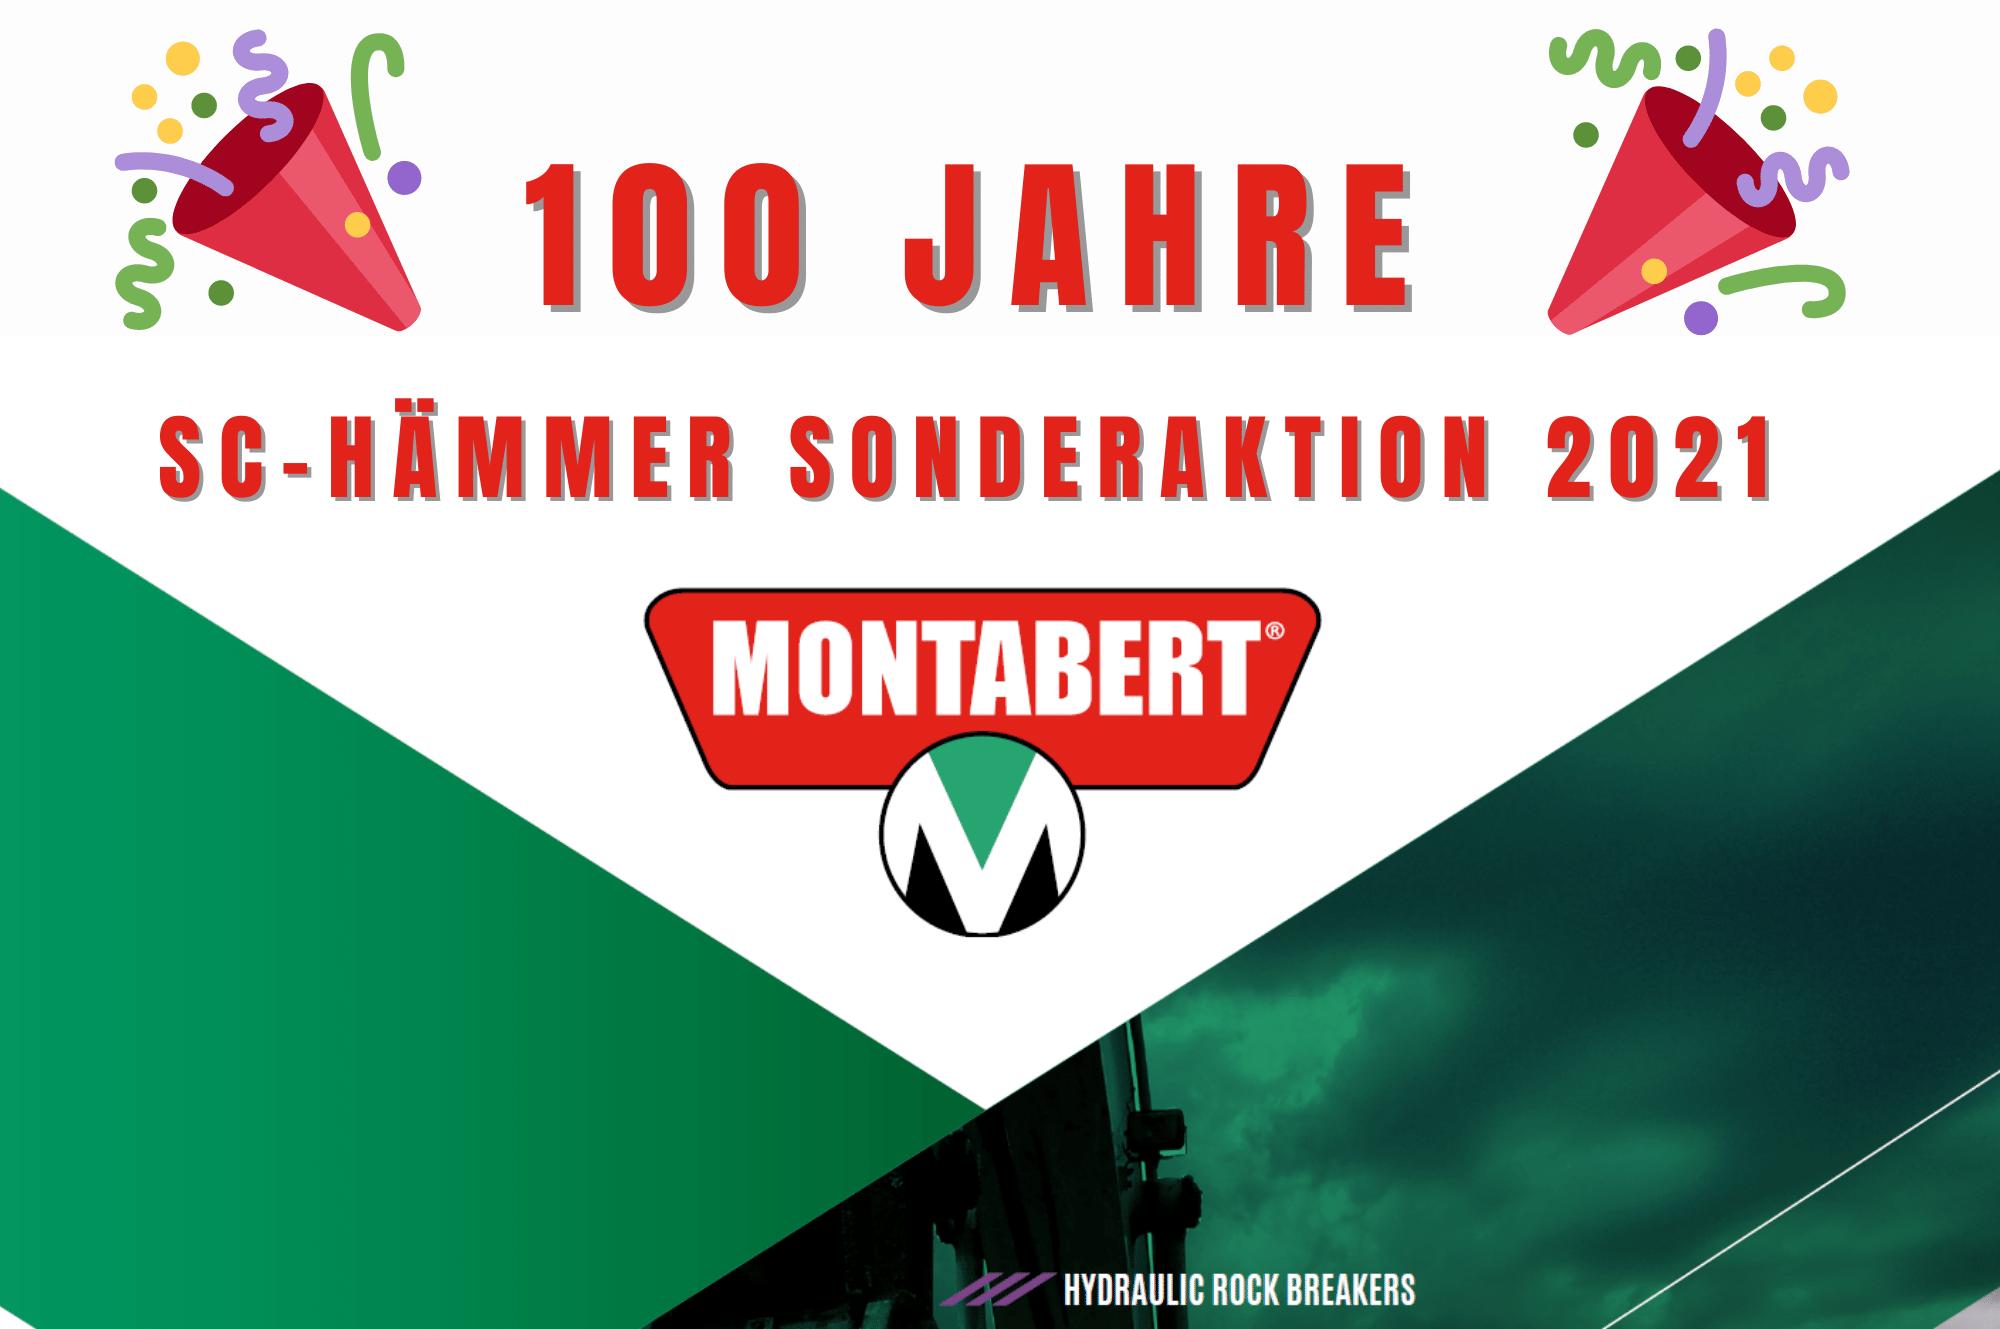 SC-Hämmer Sonderaktion 2021!